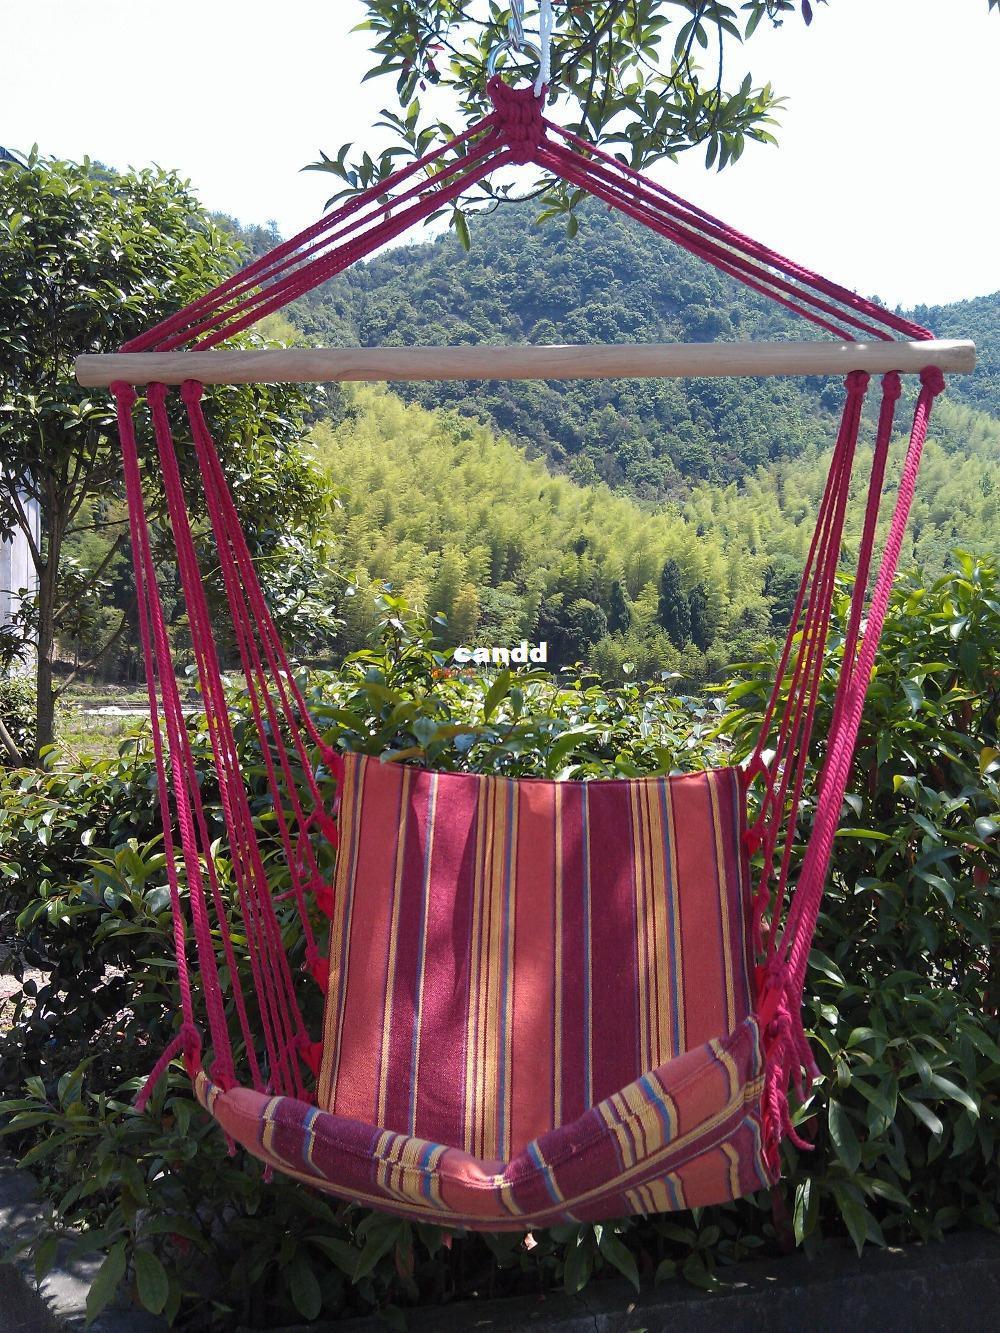 Outdoor Hanging Chair Hammock Swing